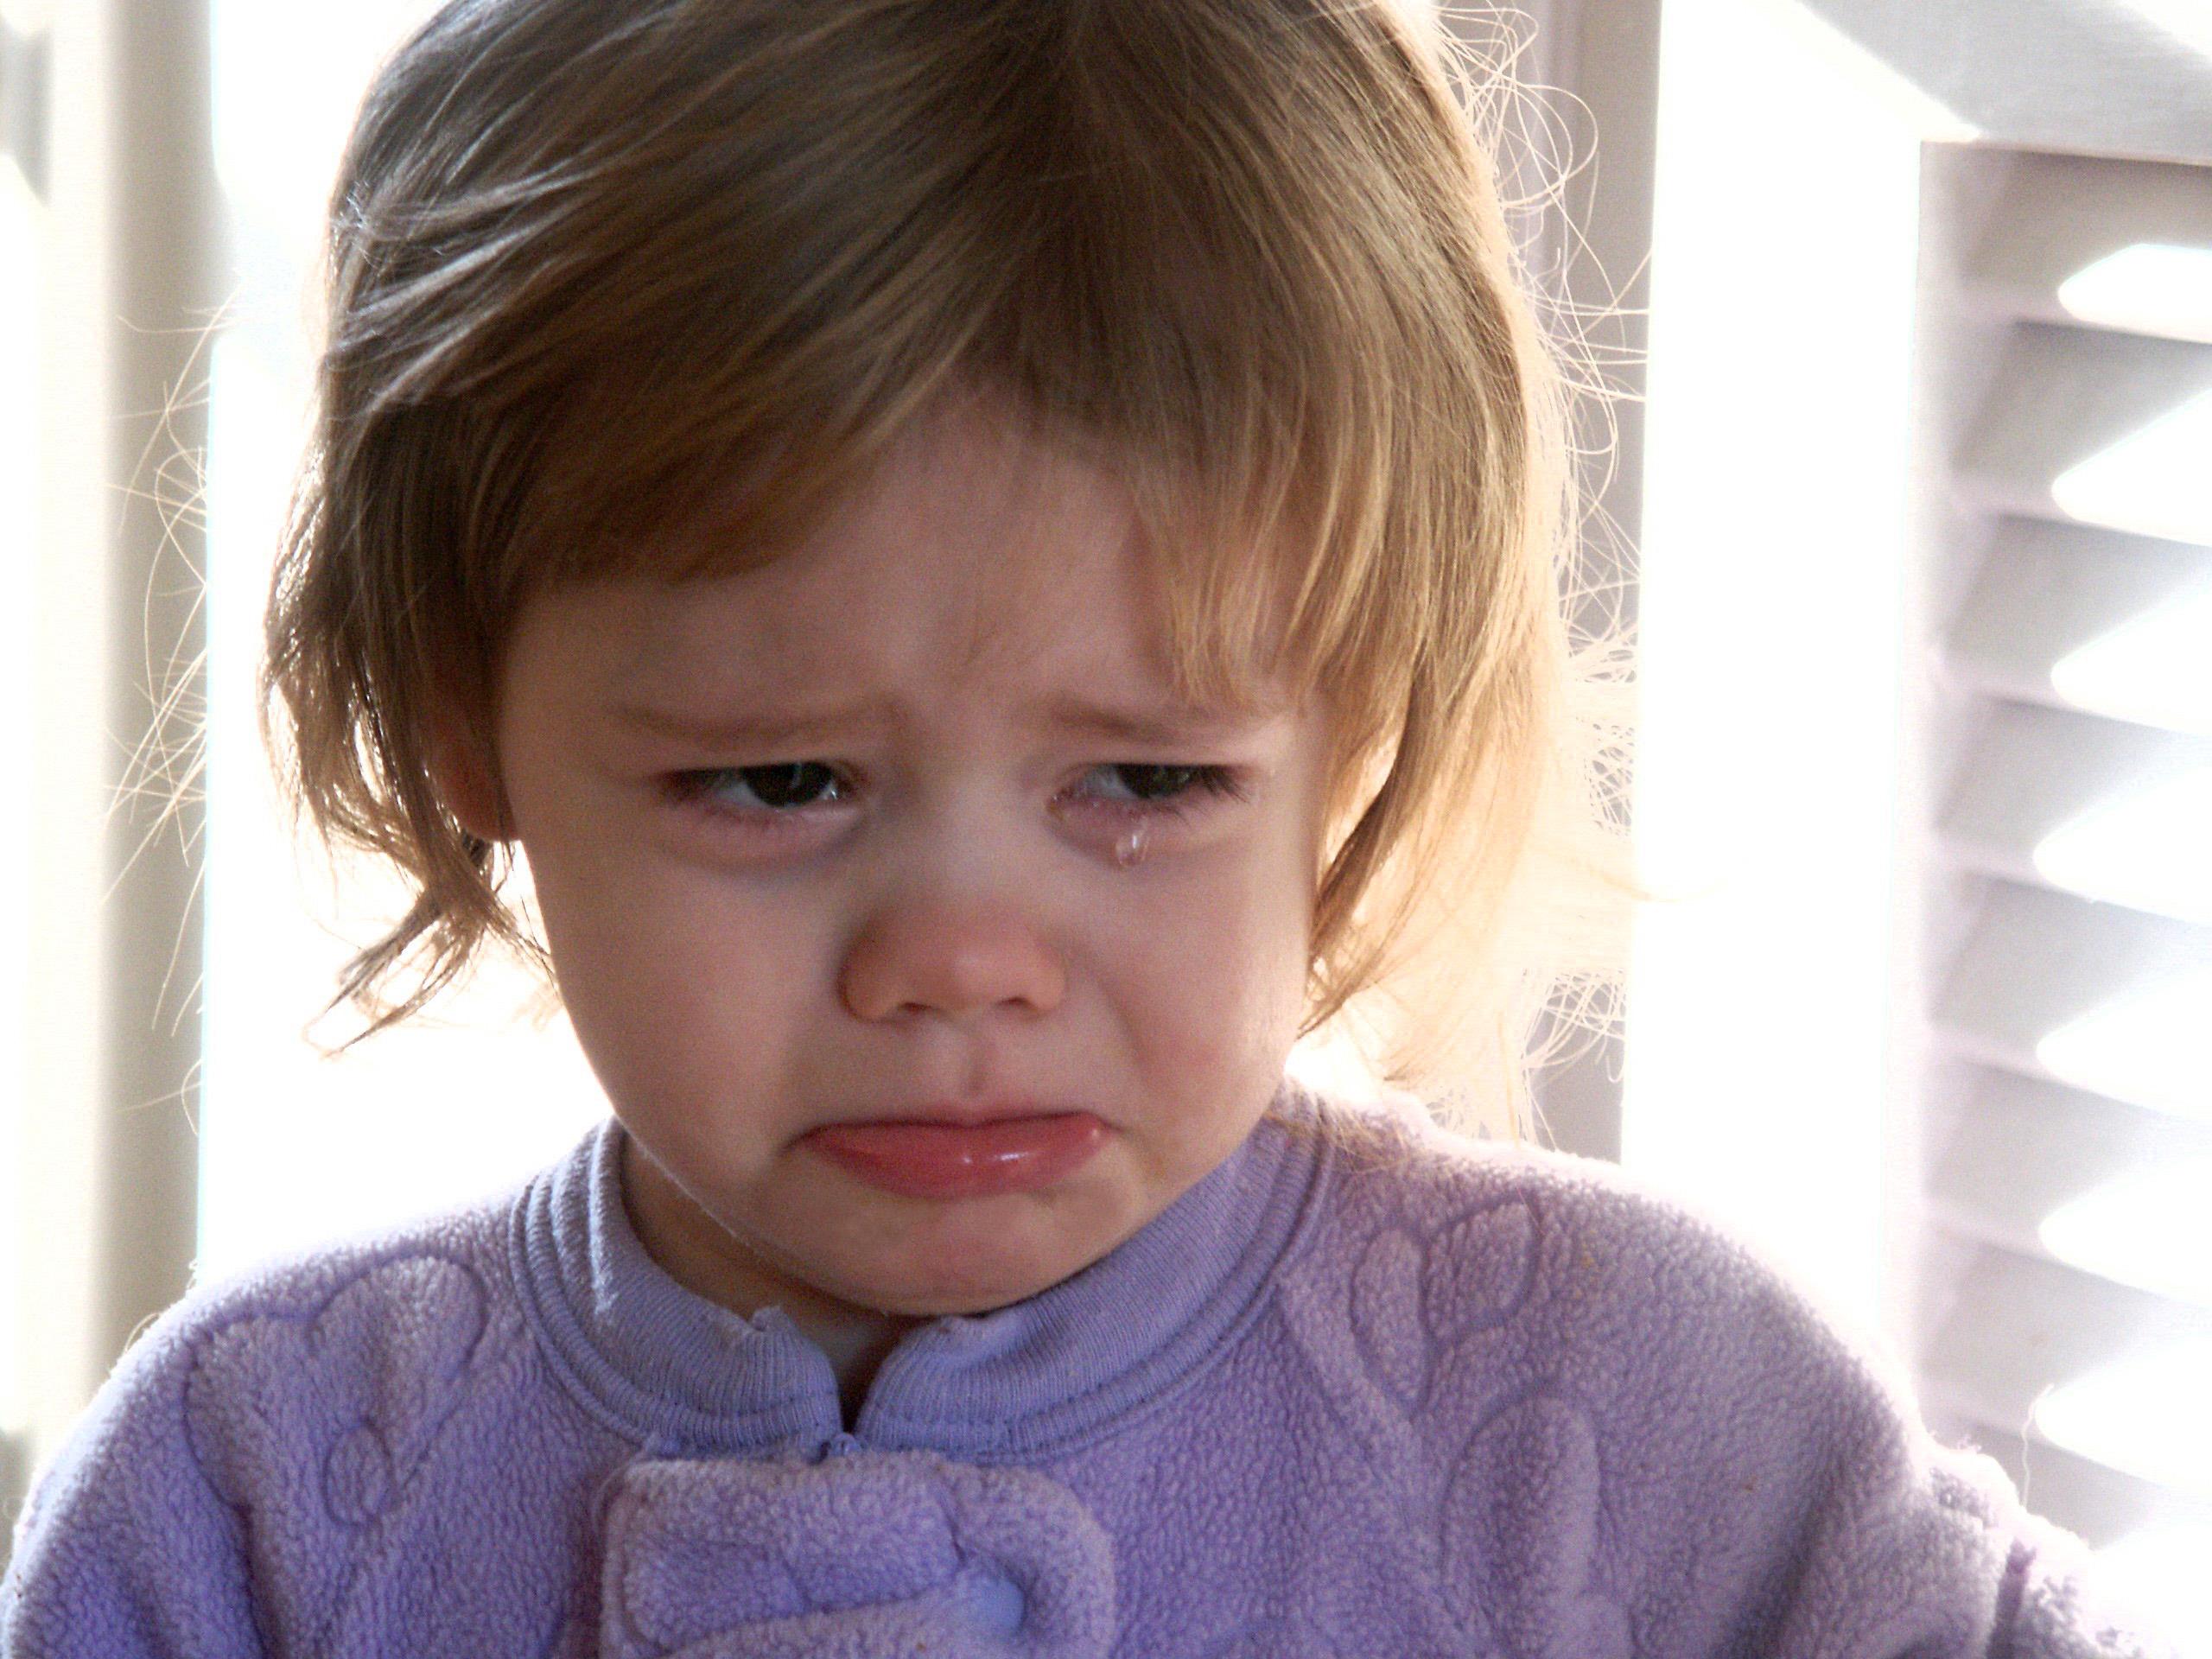 रोते हुए बच्चे का ध्यान कहीं और लगाएं. आस-पास की किसी चीज़ को दिखाकर उनका ध्यान बटाएं.